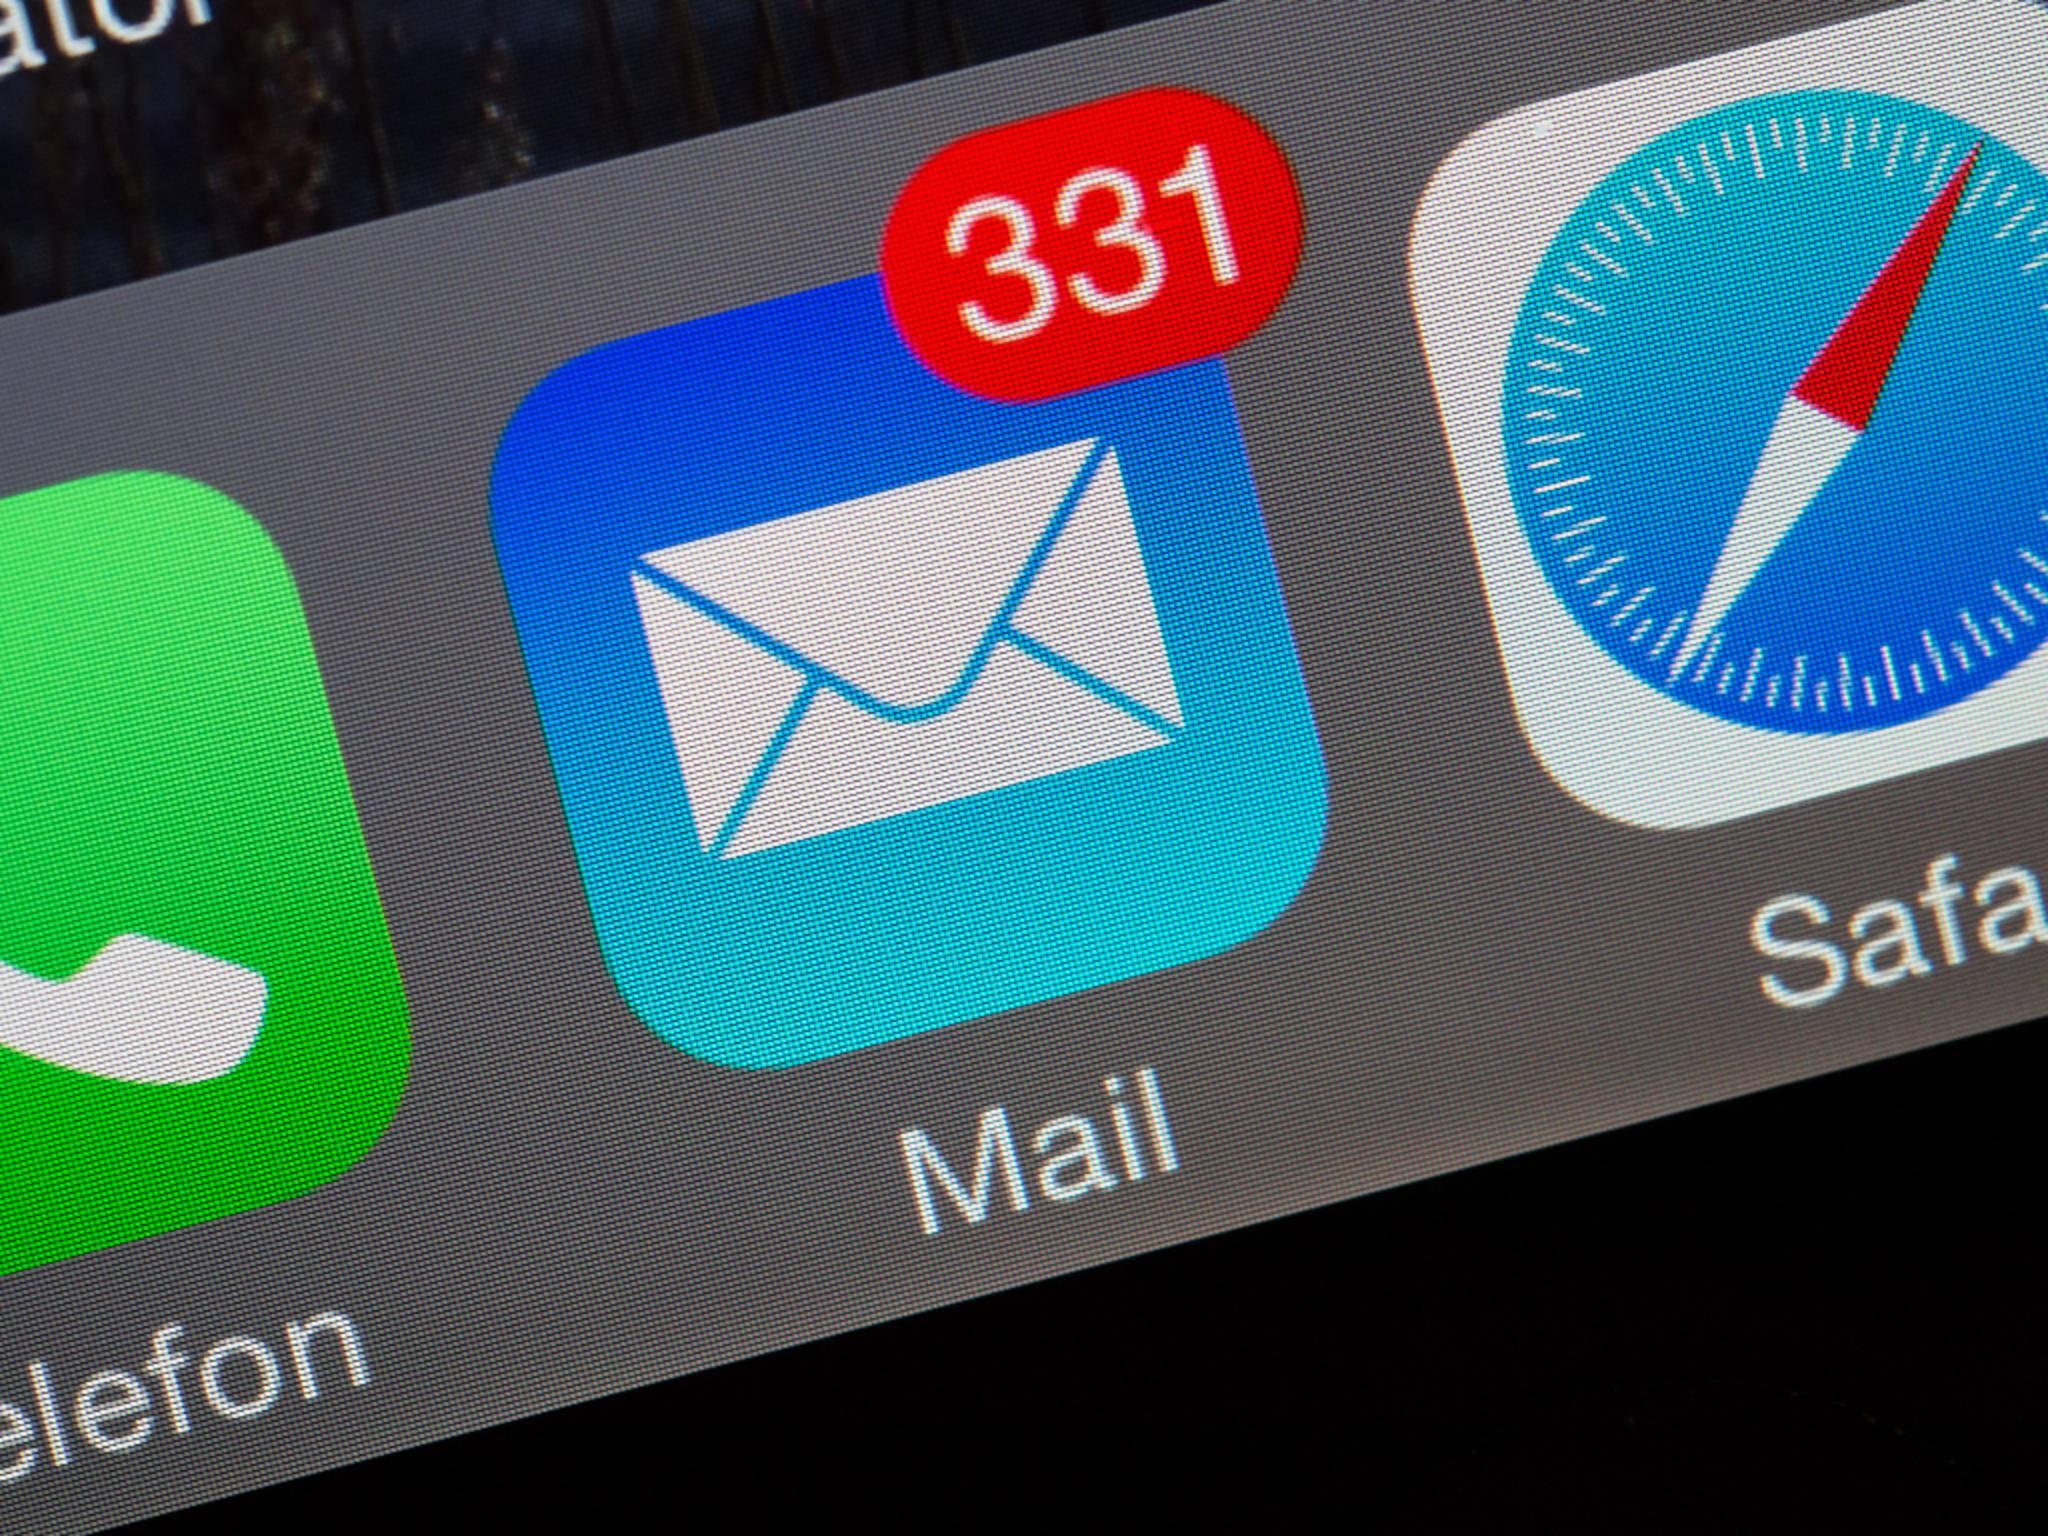 Wir verraten 5 E-Mail-Mythen, die einfach Quatsch sind.